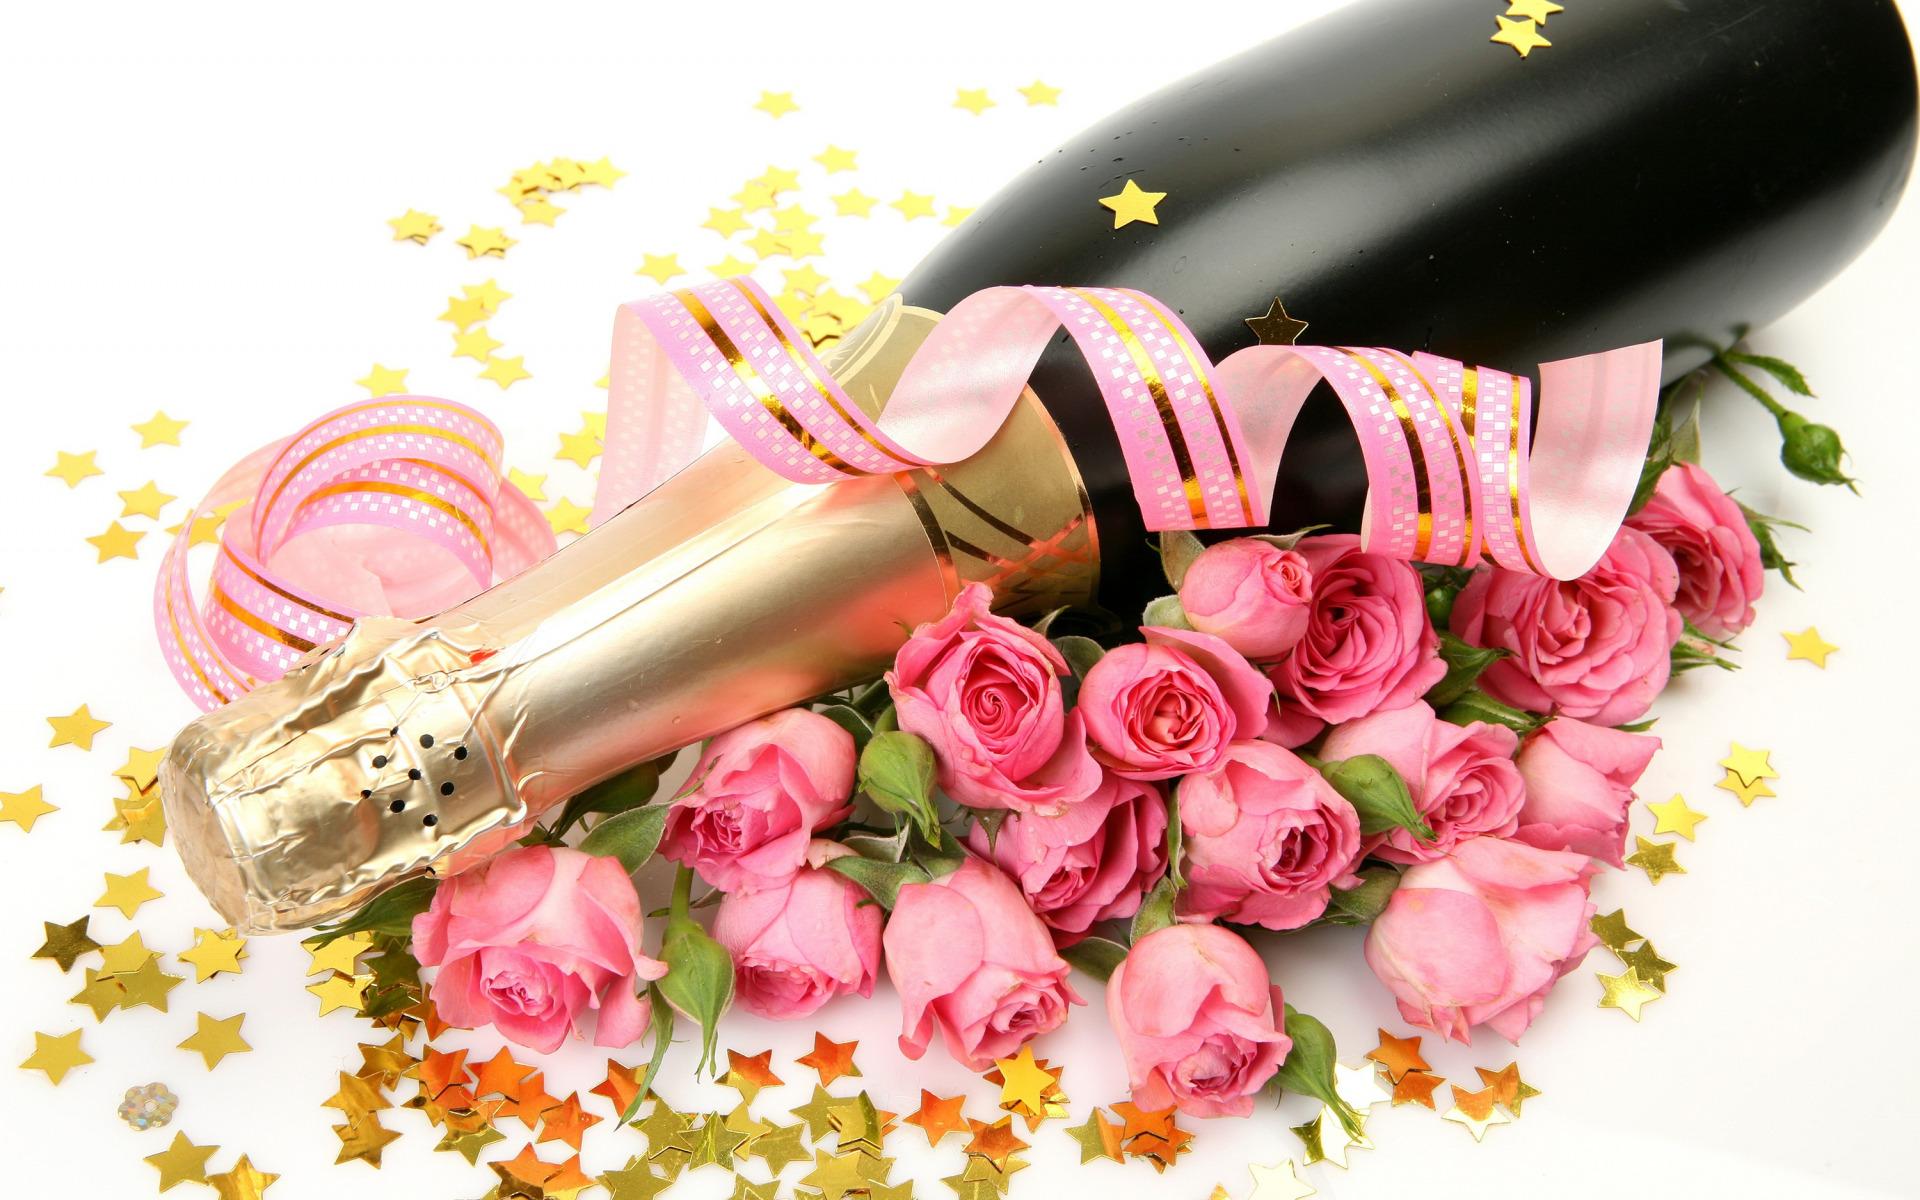 поздравления к подаркам шампанское бывают причины